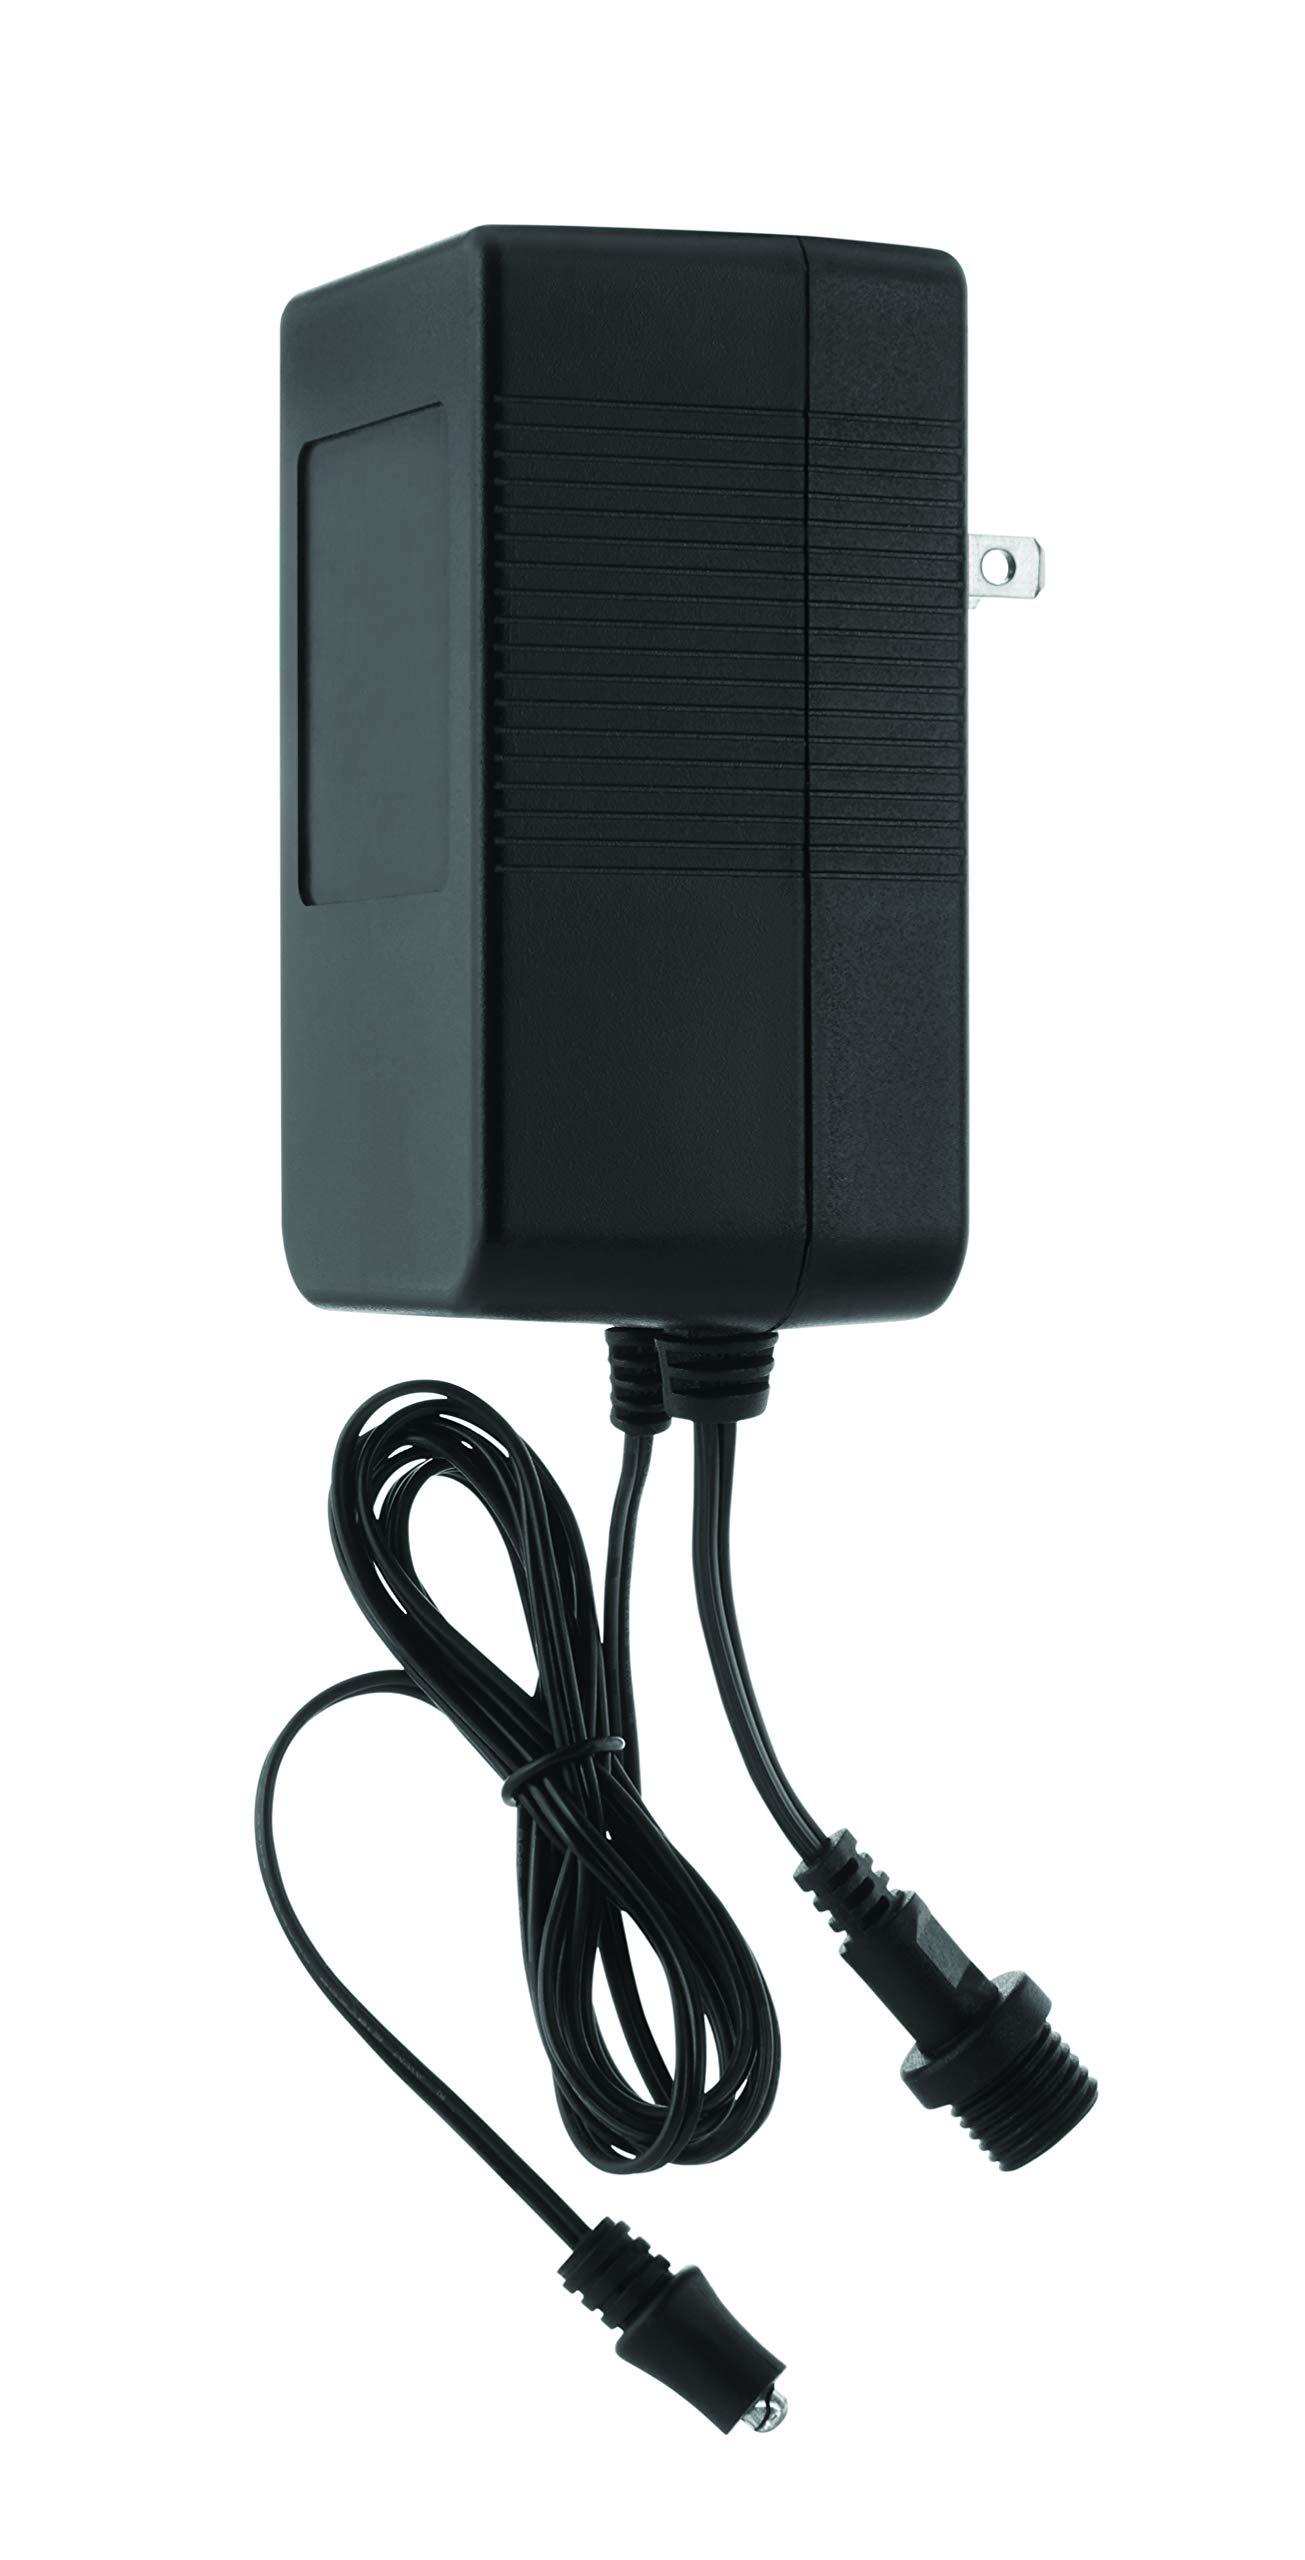 Better Homes & Gardens 45 Watt QuickFIT Transformer with Timer